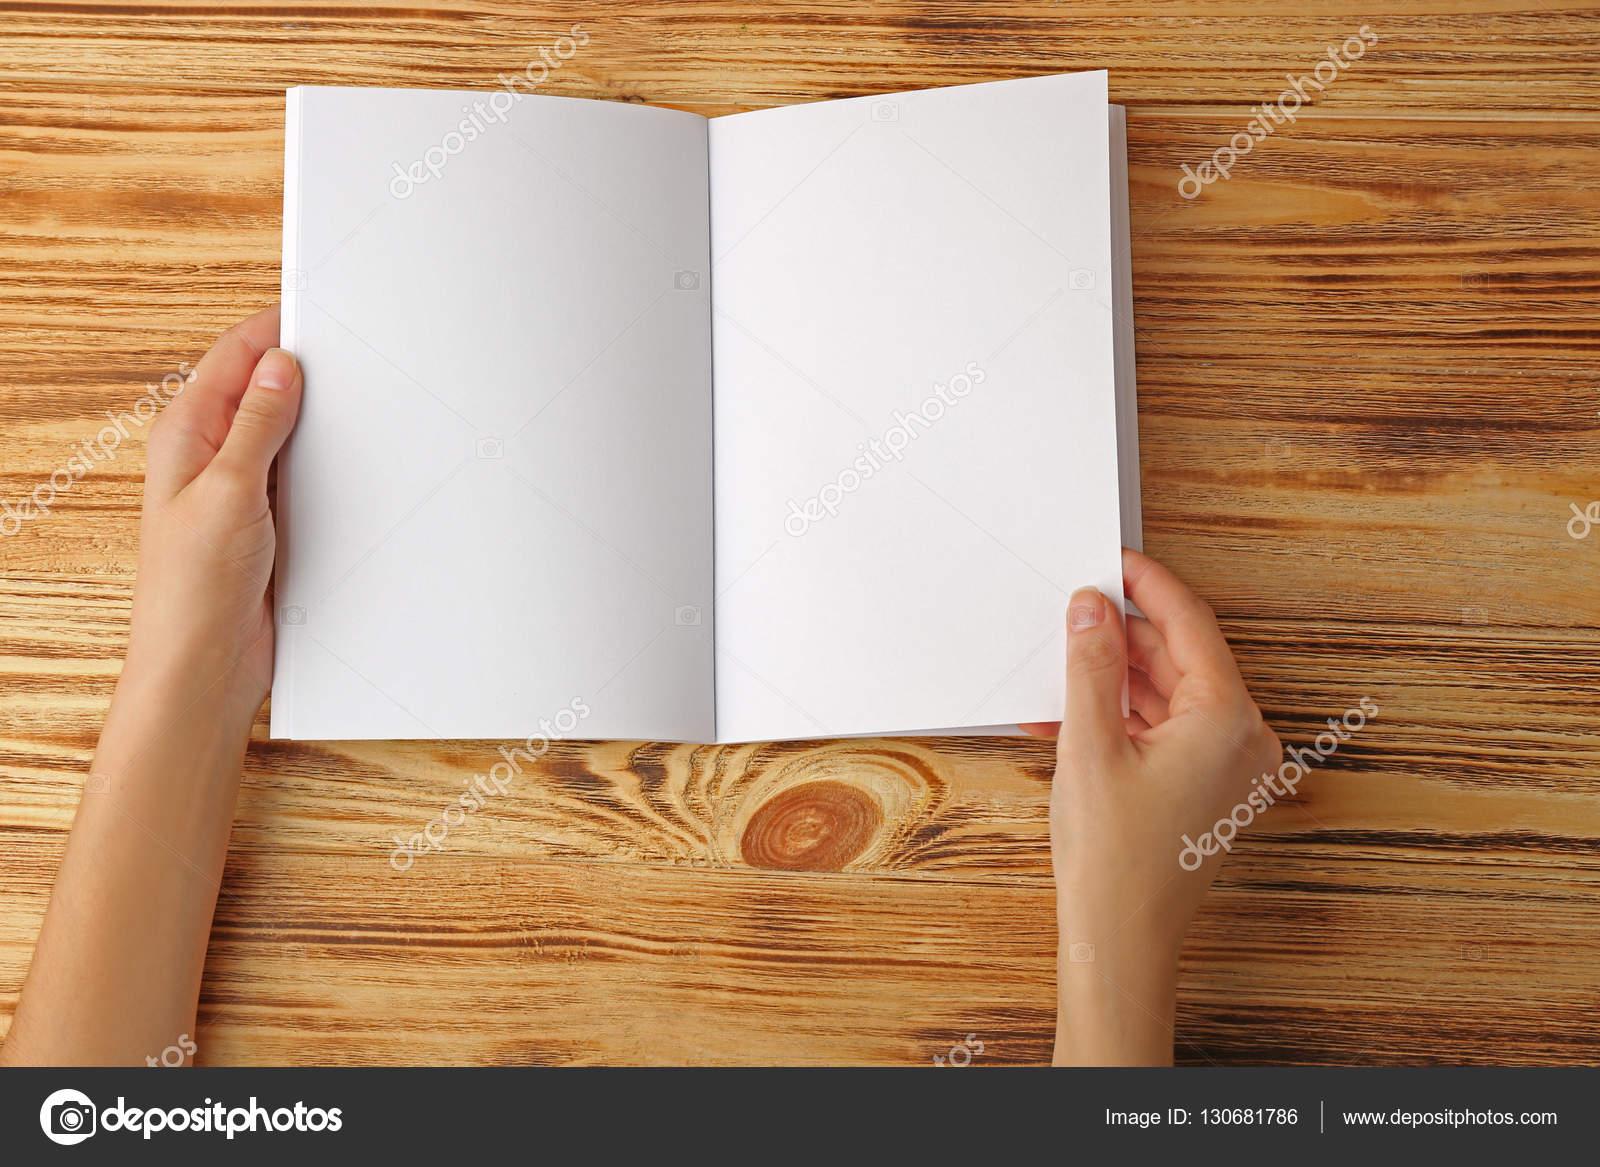 hands holding blank open brochure stock photo belchonock 130681786